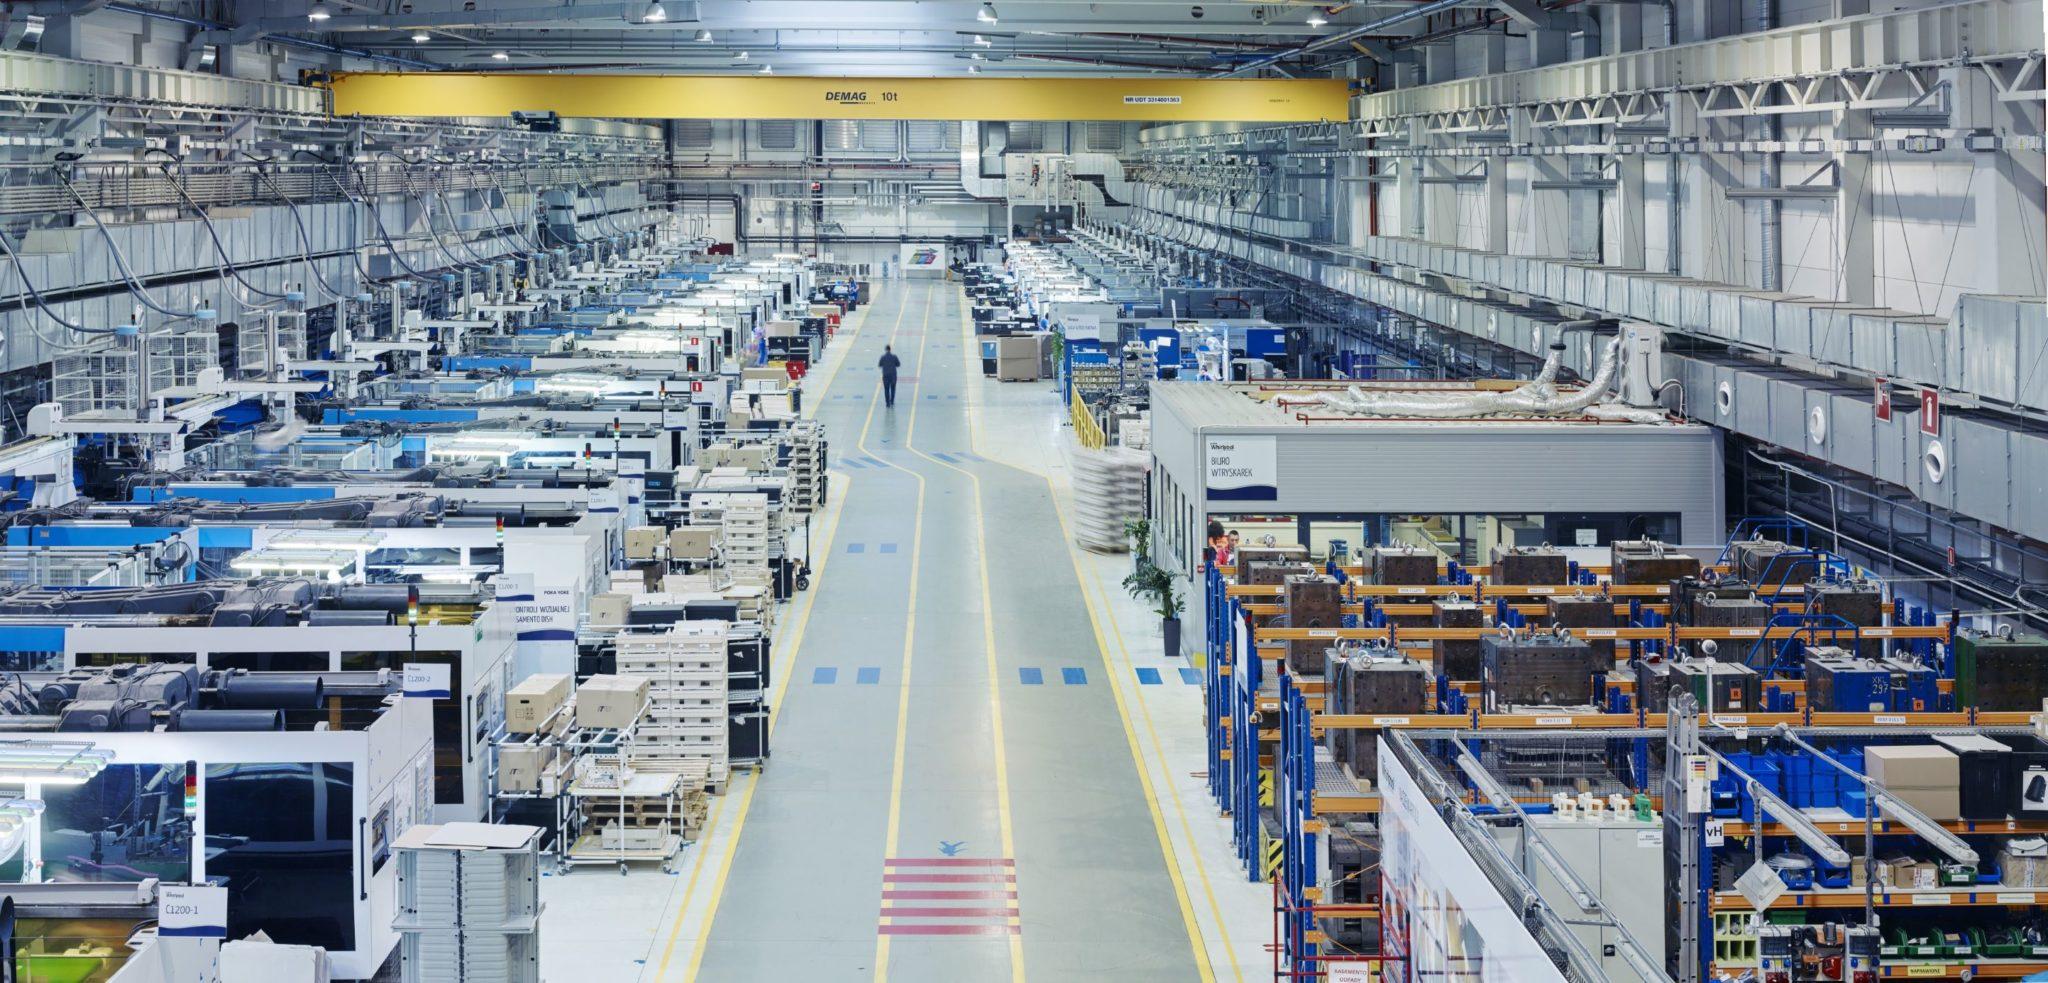 Consumer Goods Manufacturing Plant